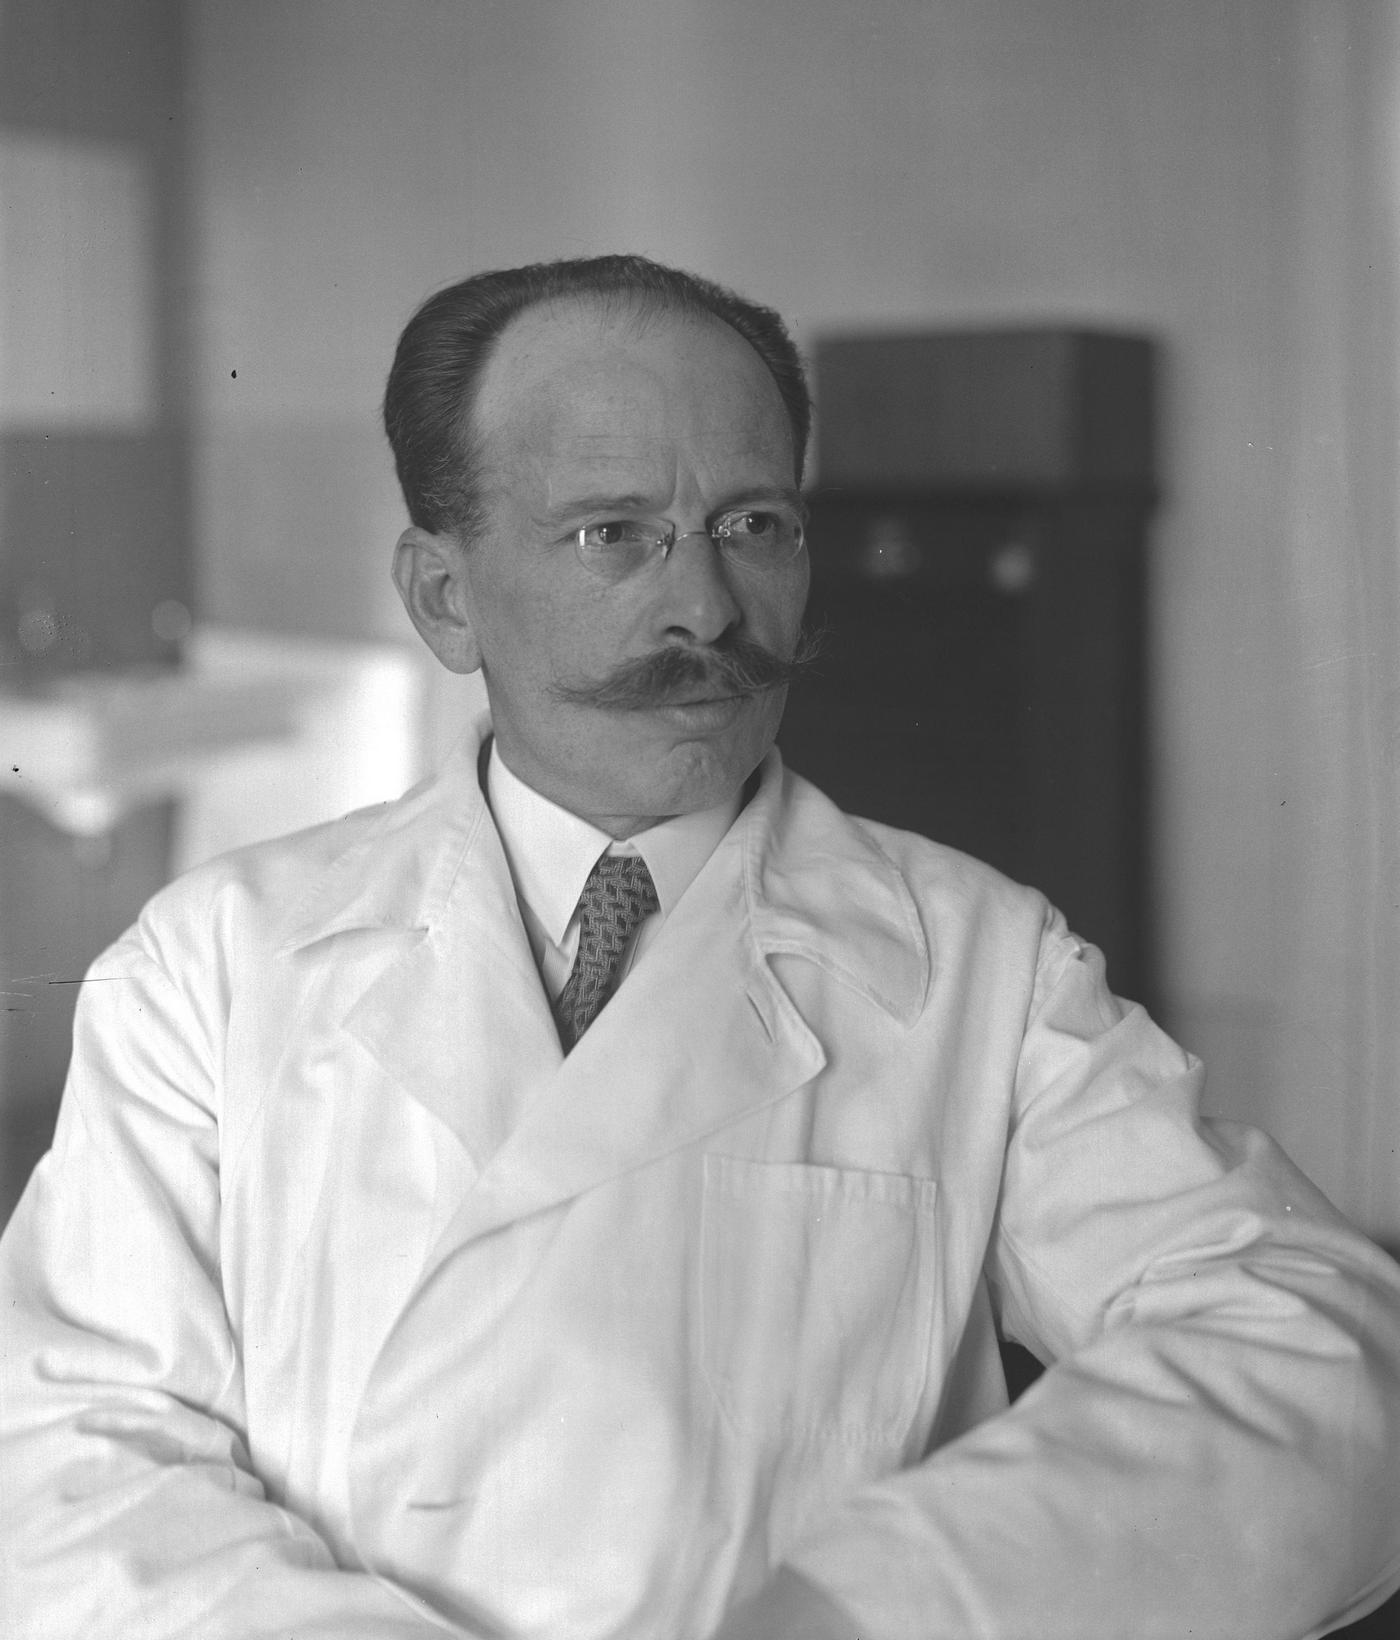 Zmordowany w Katyniu major Stefan Pieńkowski był w cywilu profesorem neurologii i psychiatrii Uniwersytetu Jagiellońskiego.